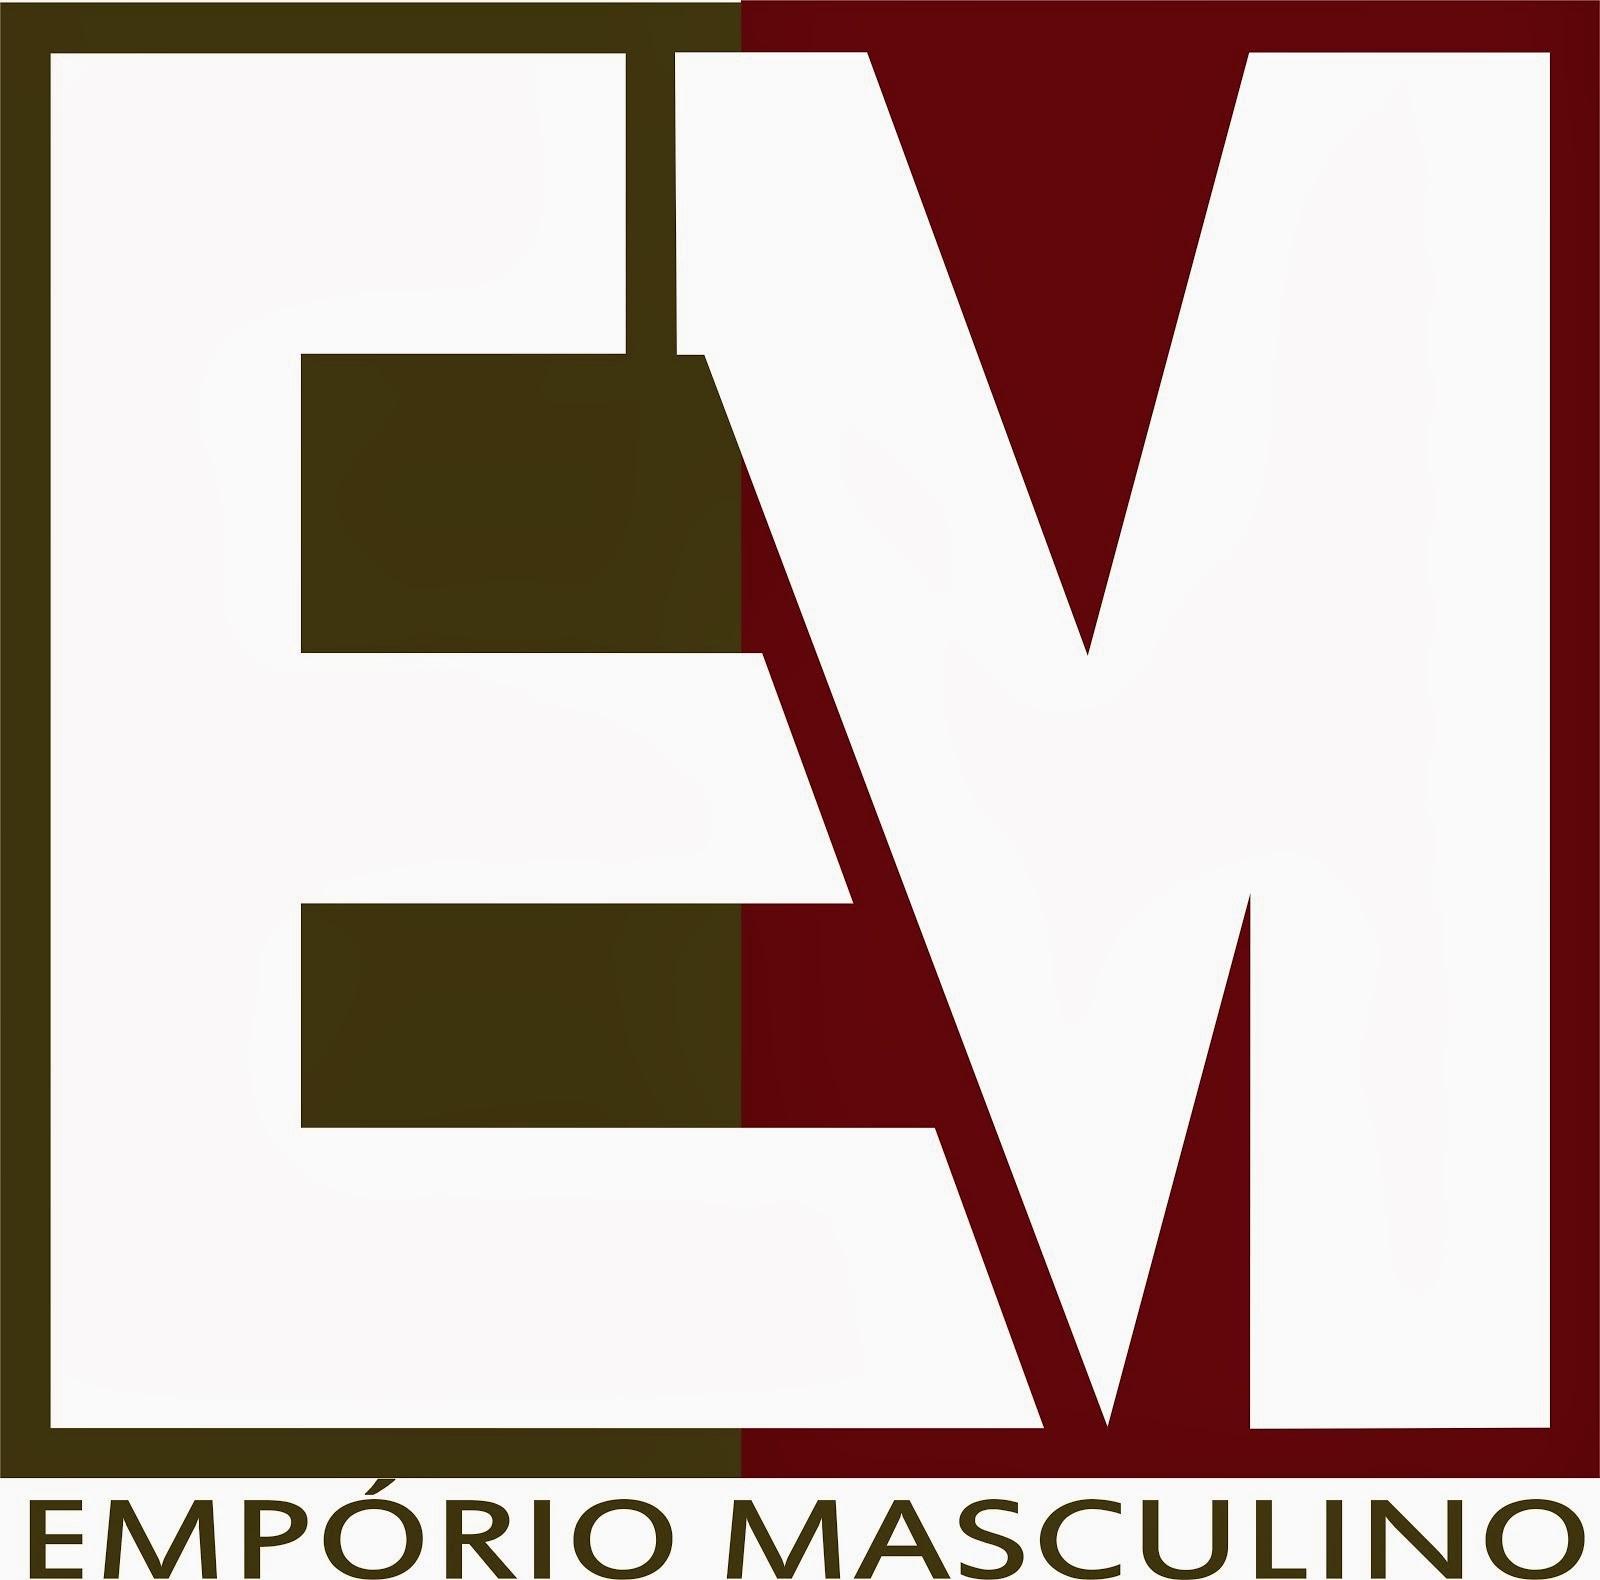 EMPORIO MASCULINO